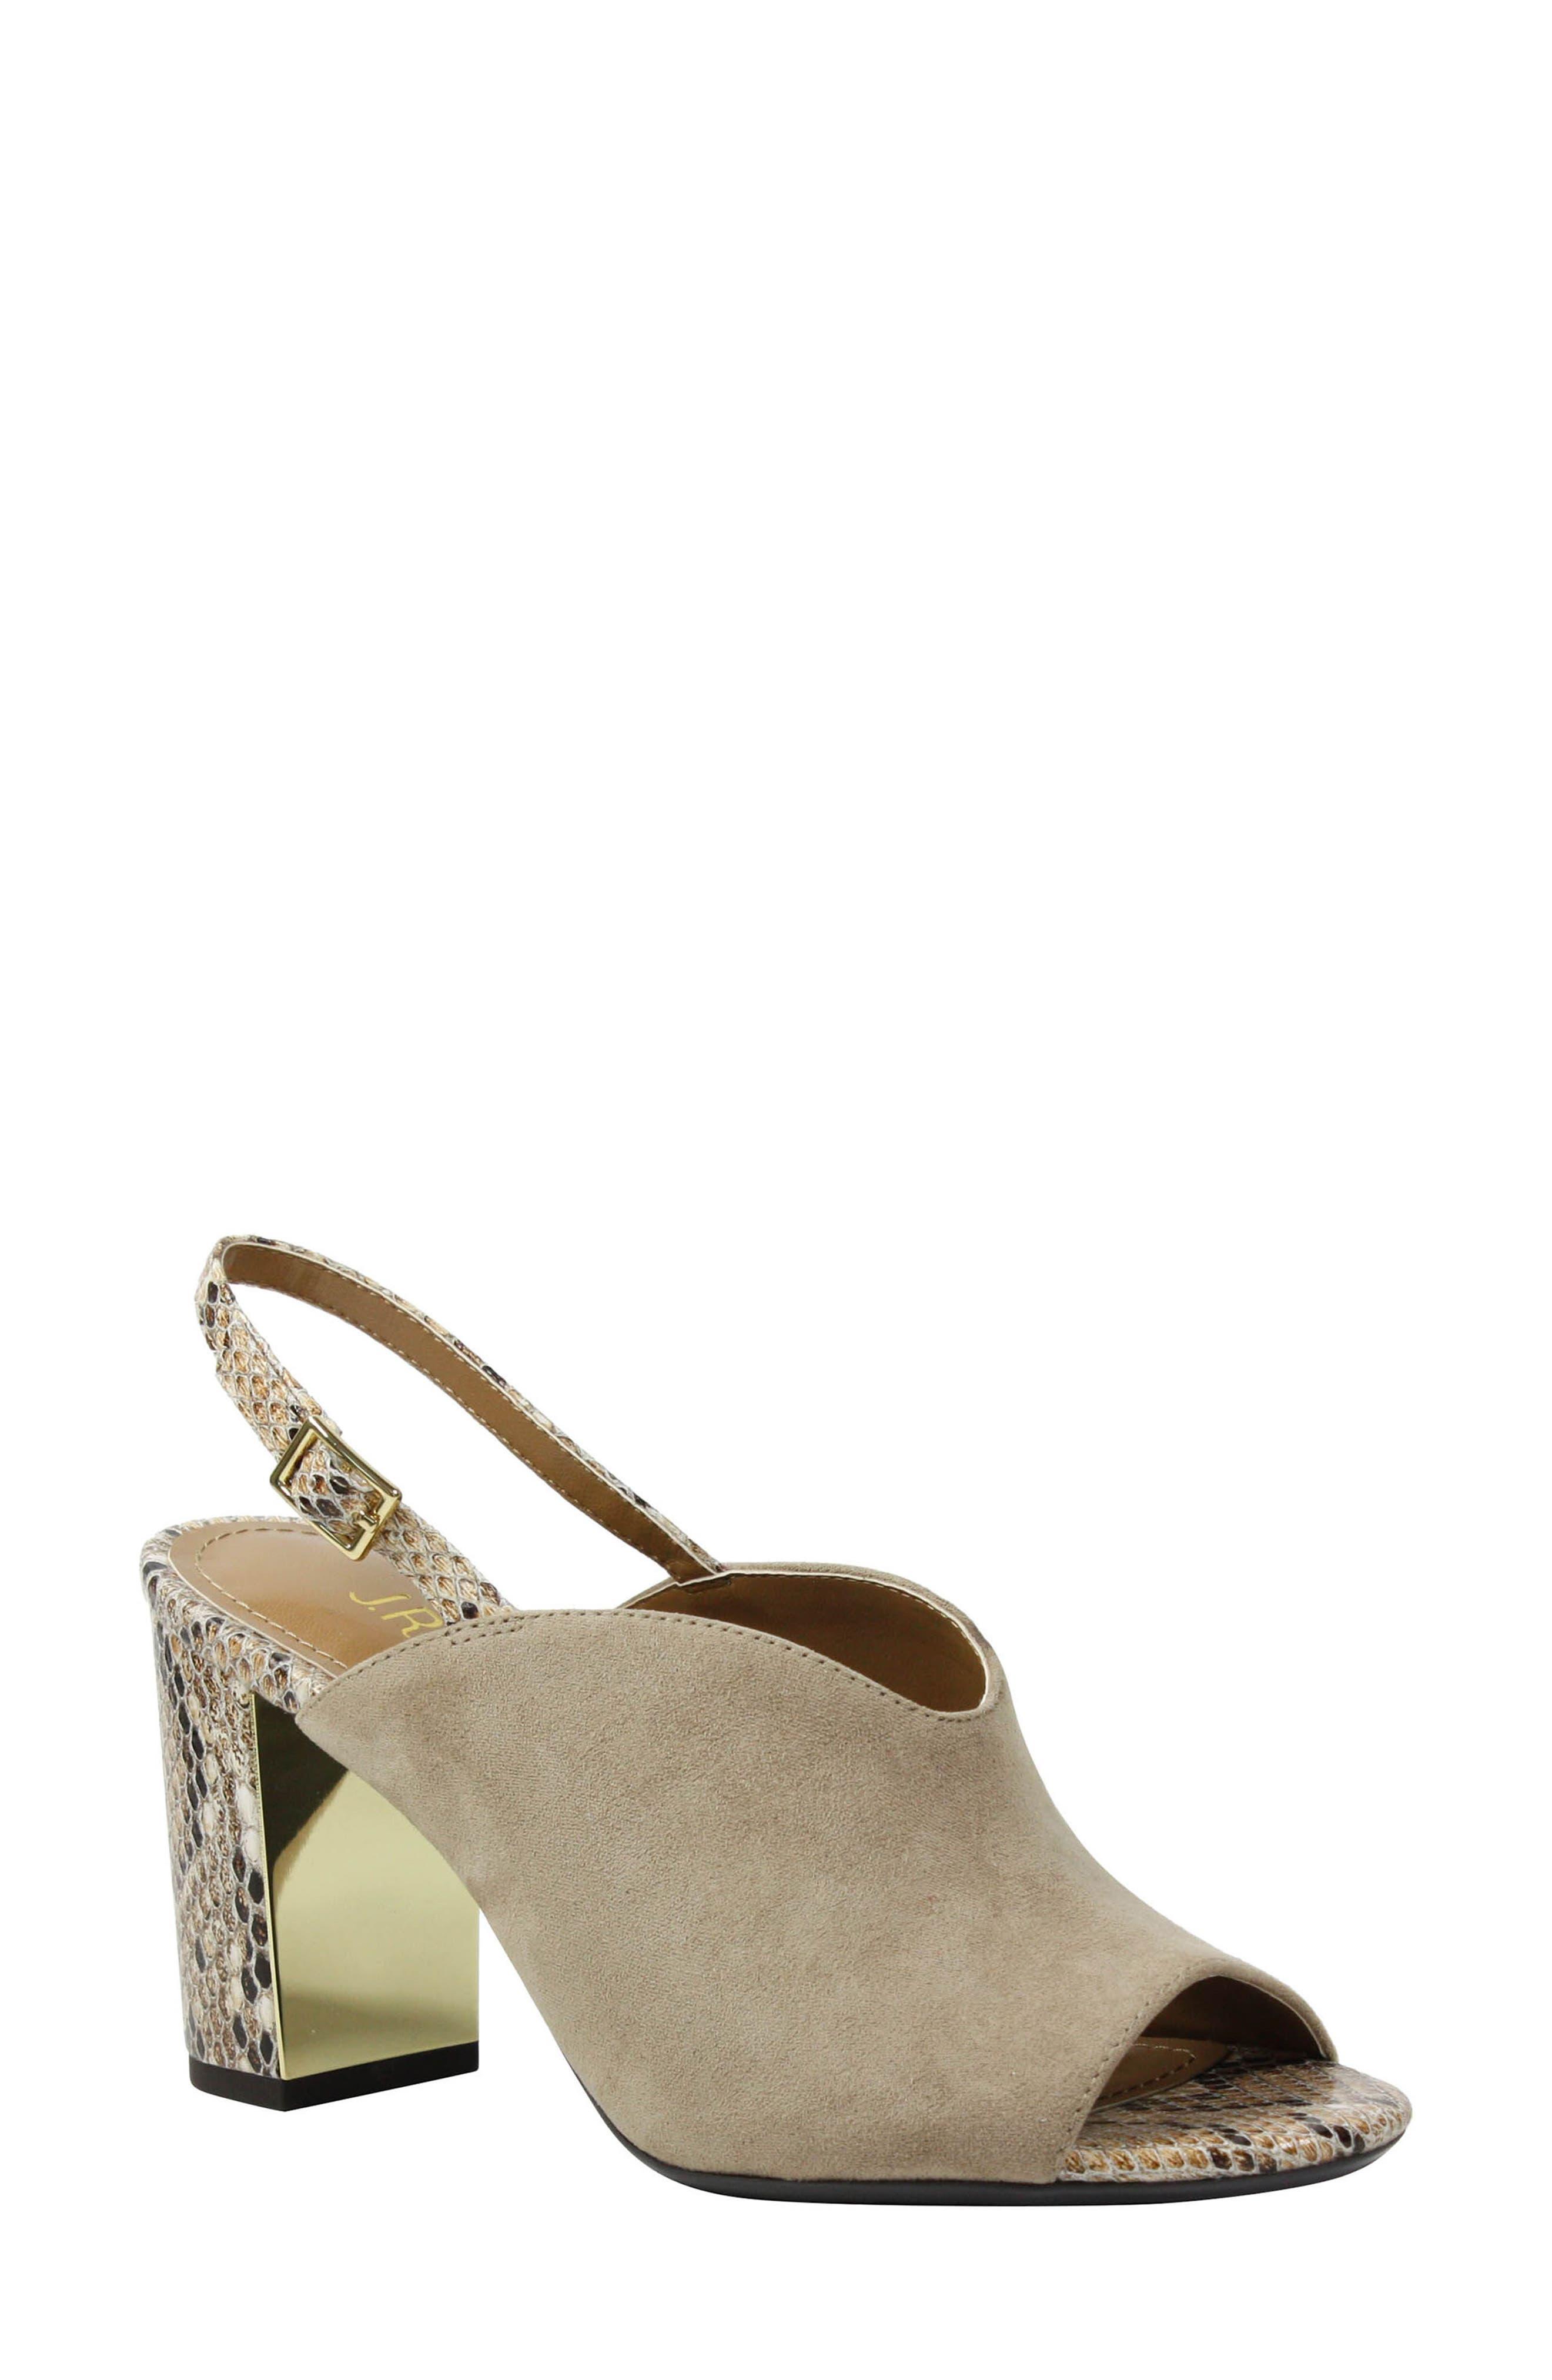 Alternate Image 1 Selected - J. Reneé Maarya Block Heel Sandal (Women)